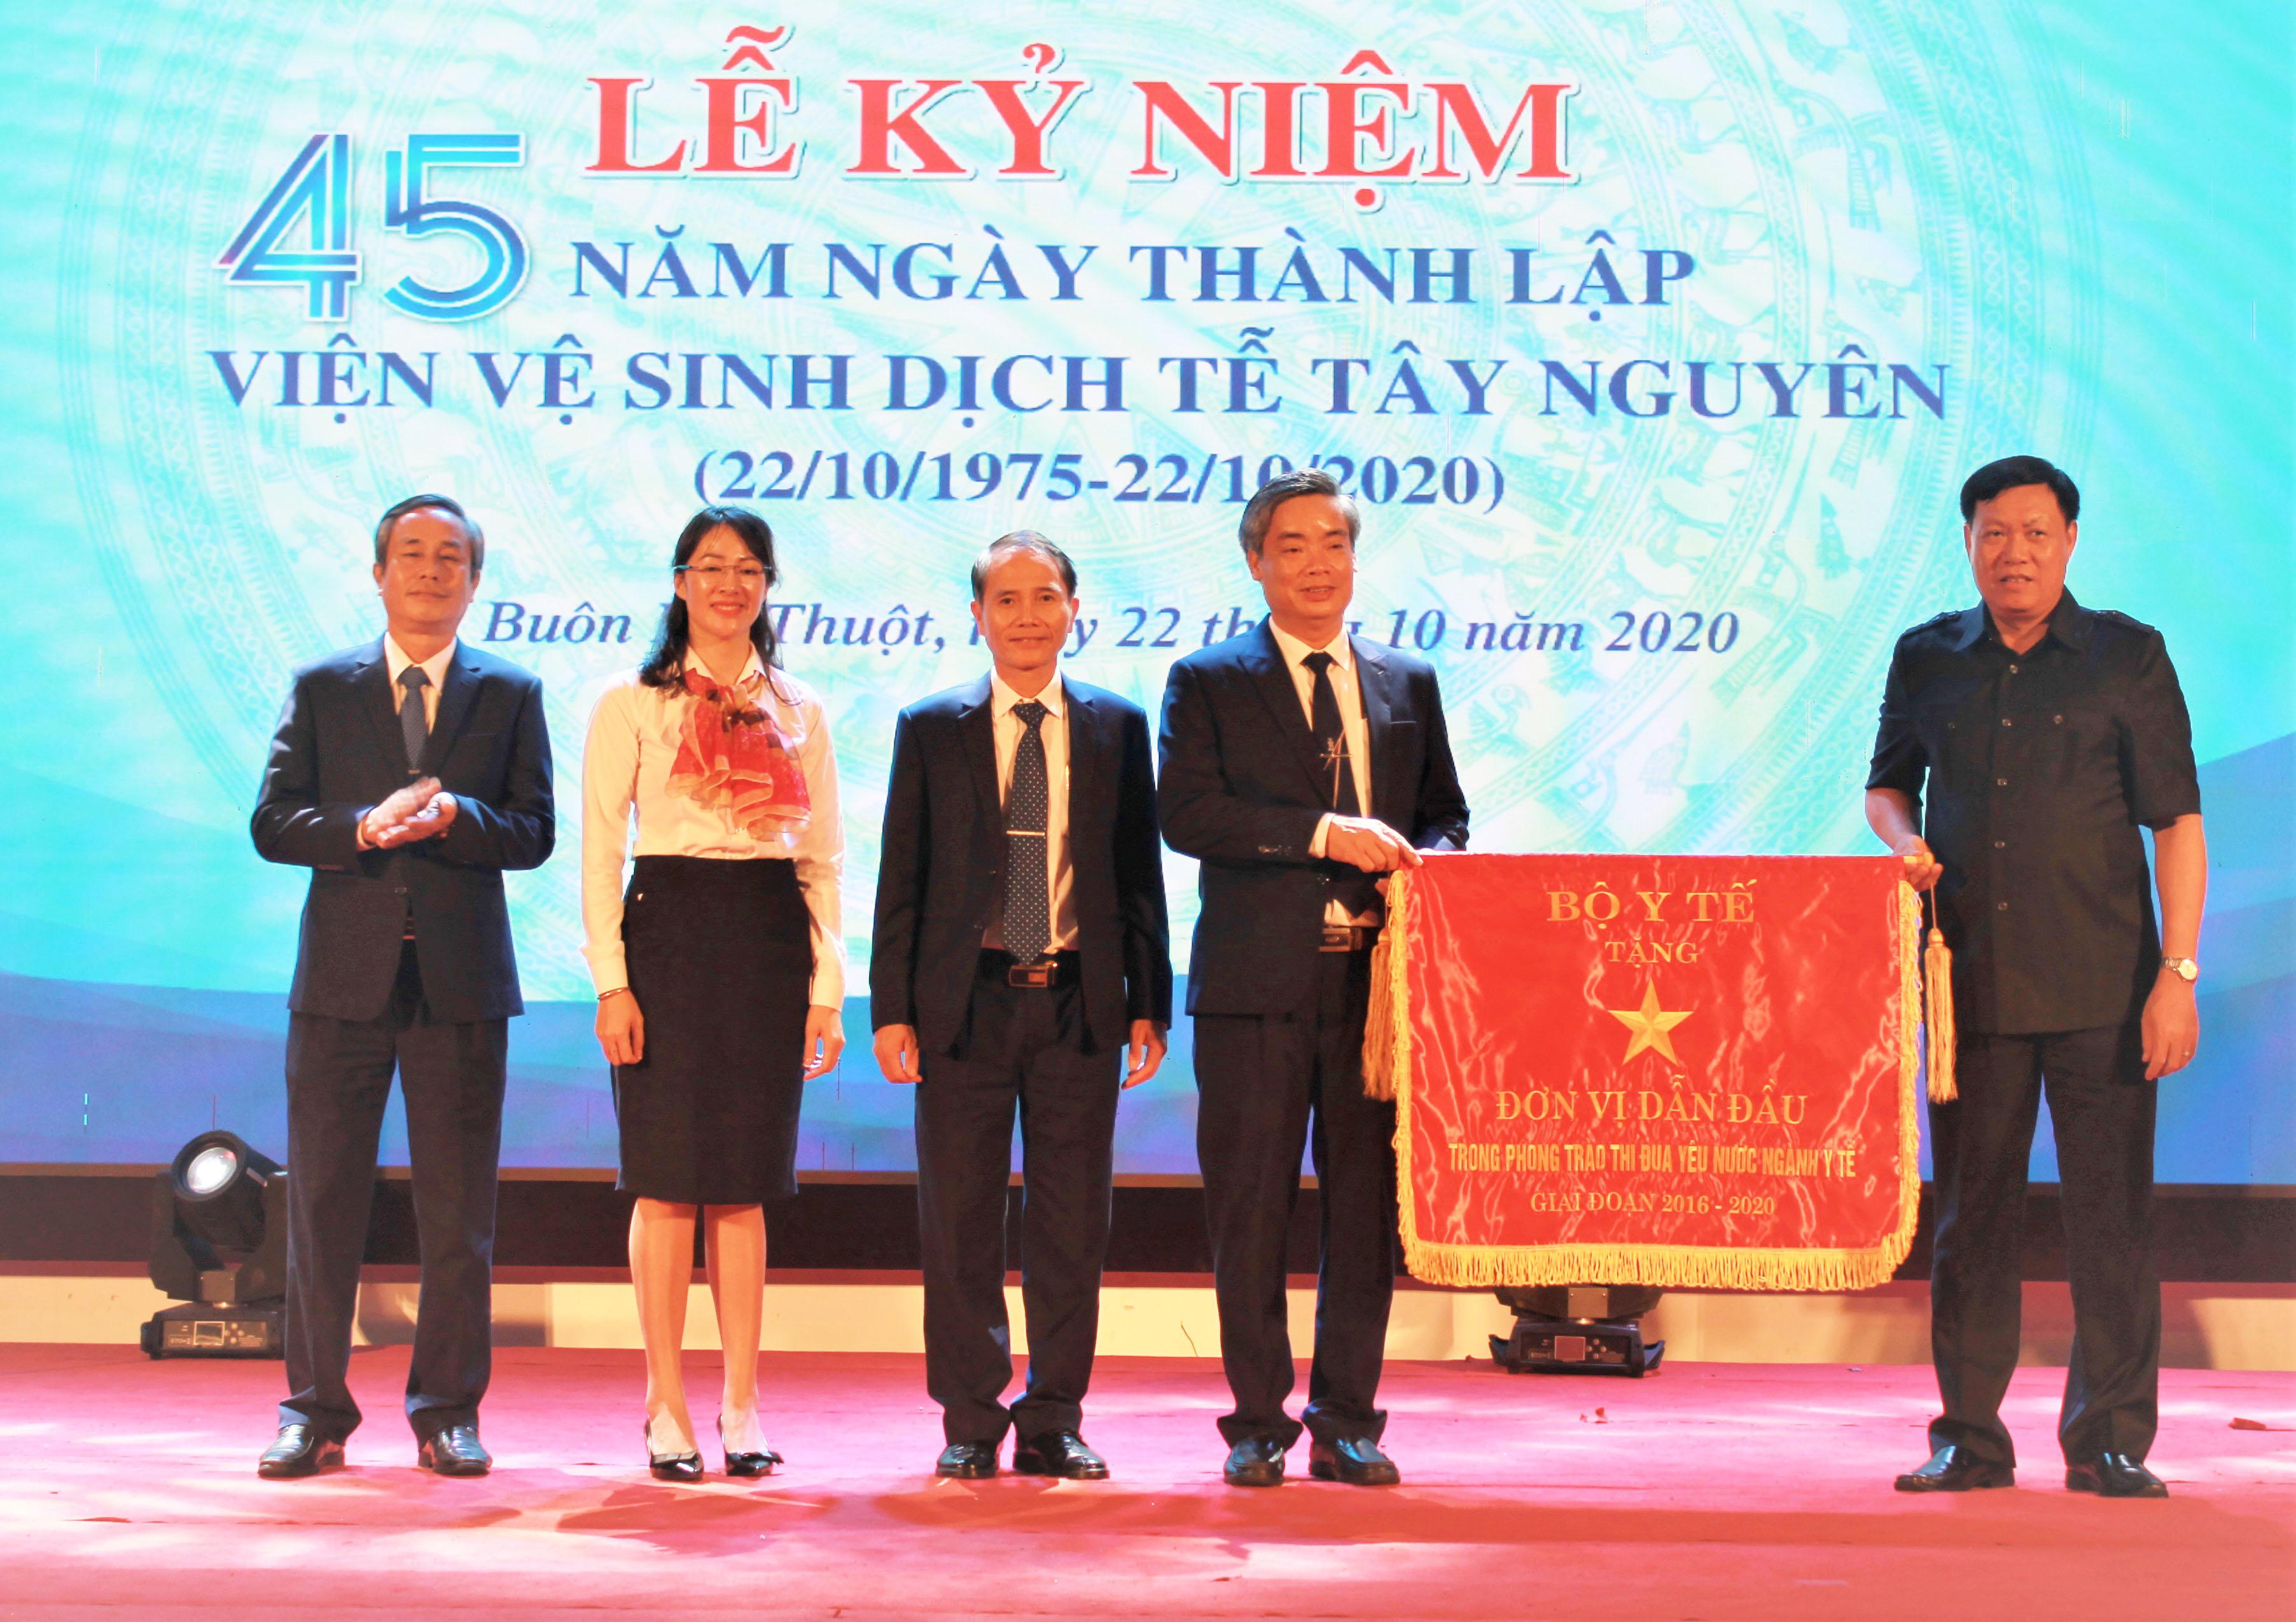 Viện Vệ sinh dịch tễ Tây Nguyên kỷ niệm 45 năm thành lập